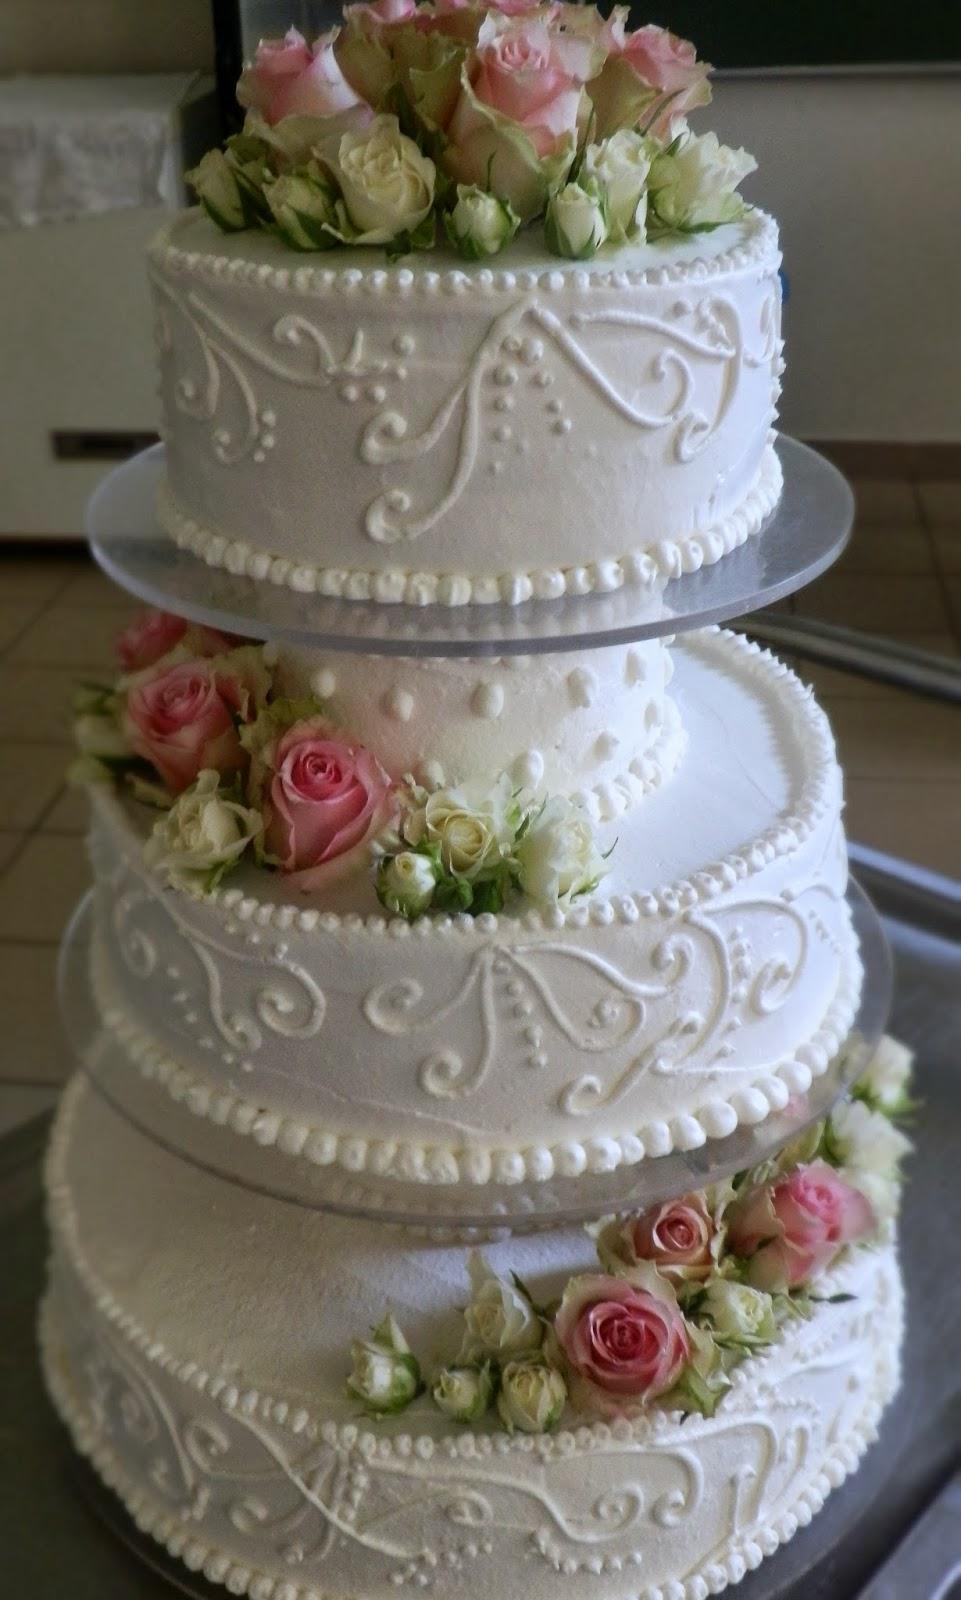 menyasszonyi torta képek Reformkori konyha: Menyasszonyi torta projekt menyasszonyi torta képek